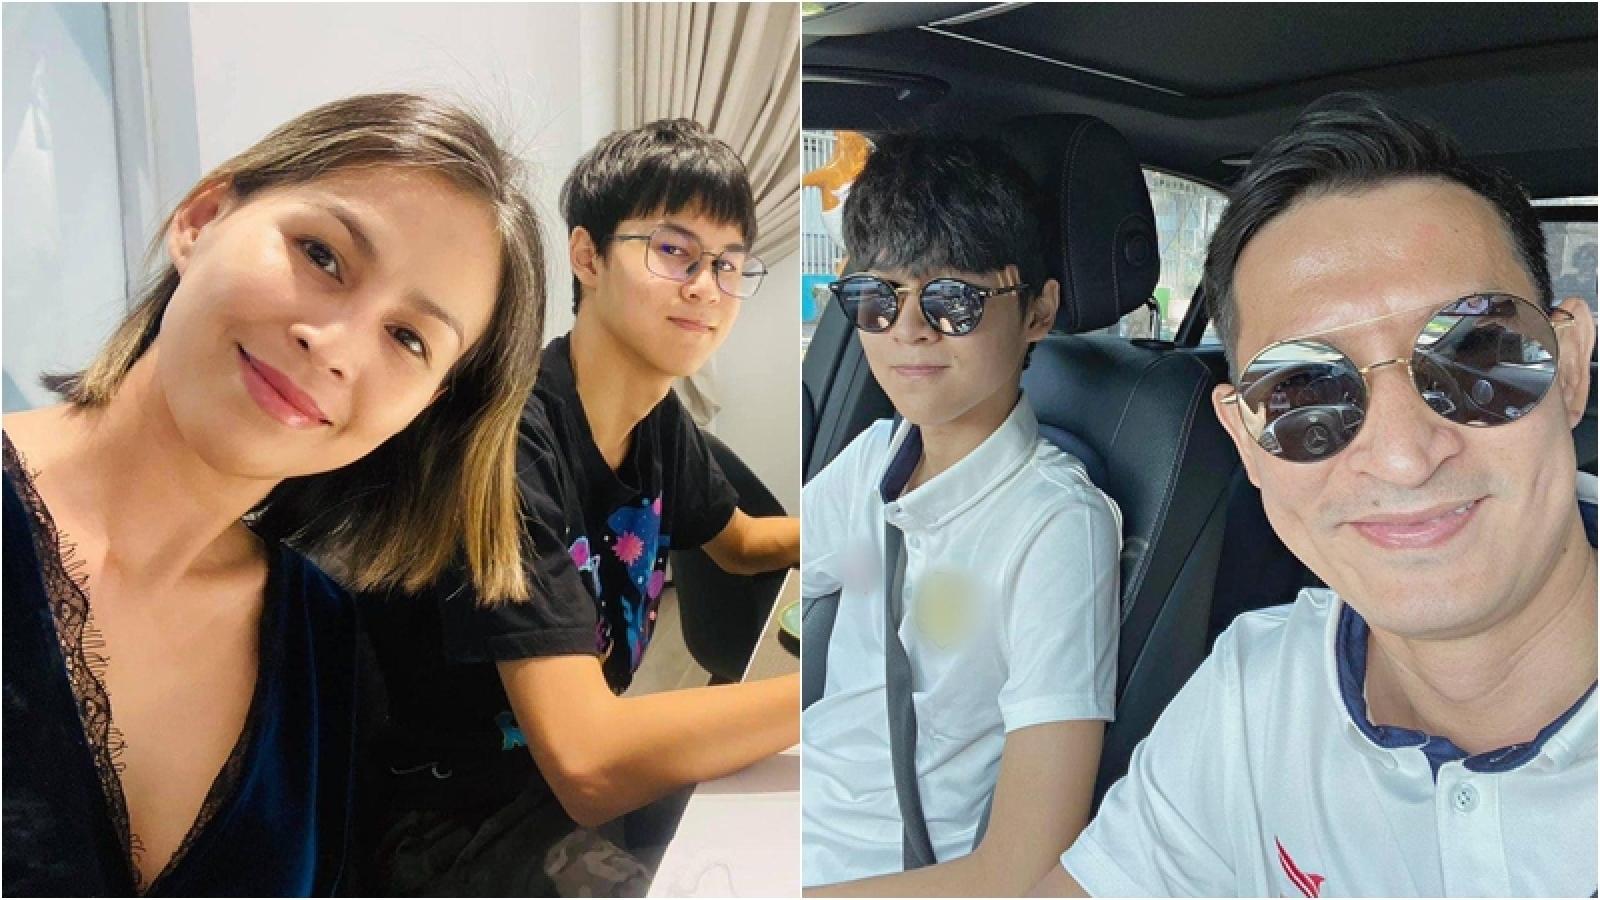 Nuôi con như vợ cũ Huy Khánh: Nhà không ti vi, điện thoại và không tiếp khách